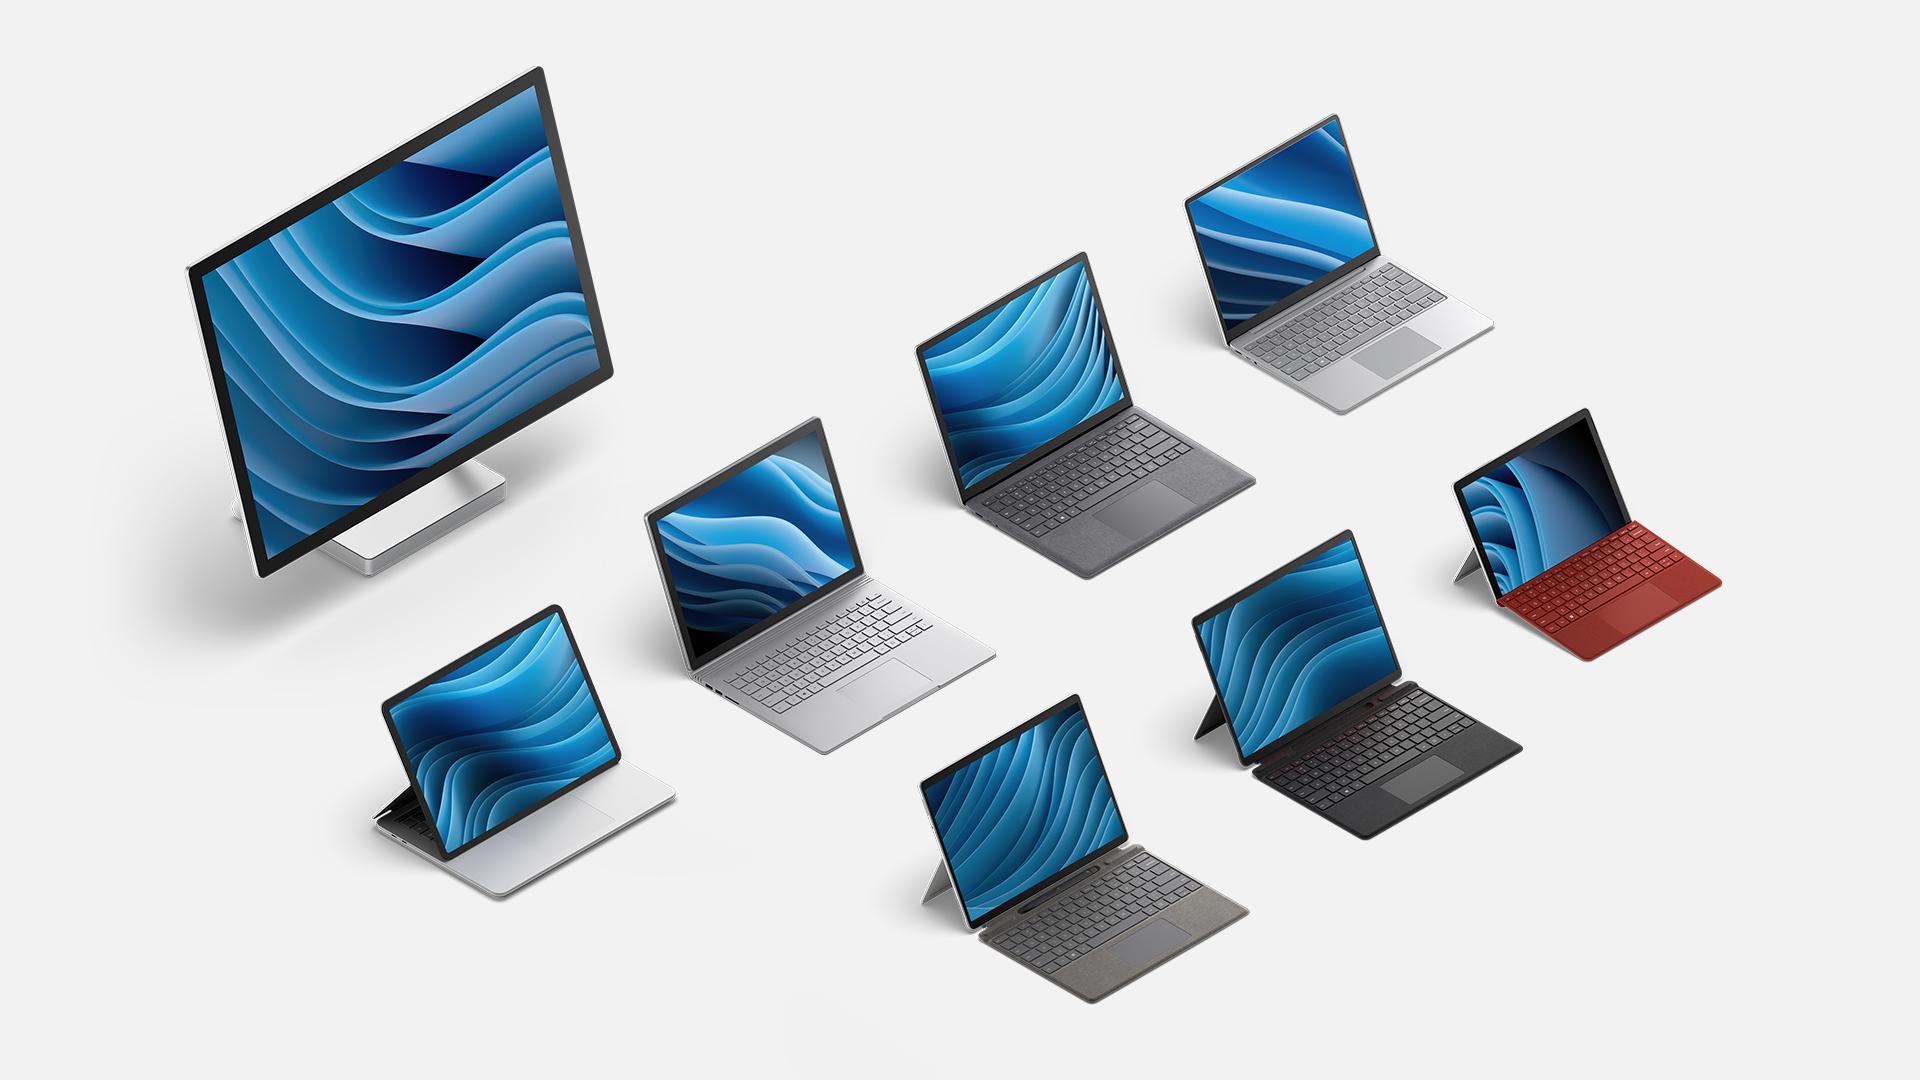 Kokoelma kaikista Surface-tuoteperheen laitteista.